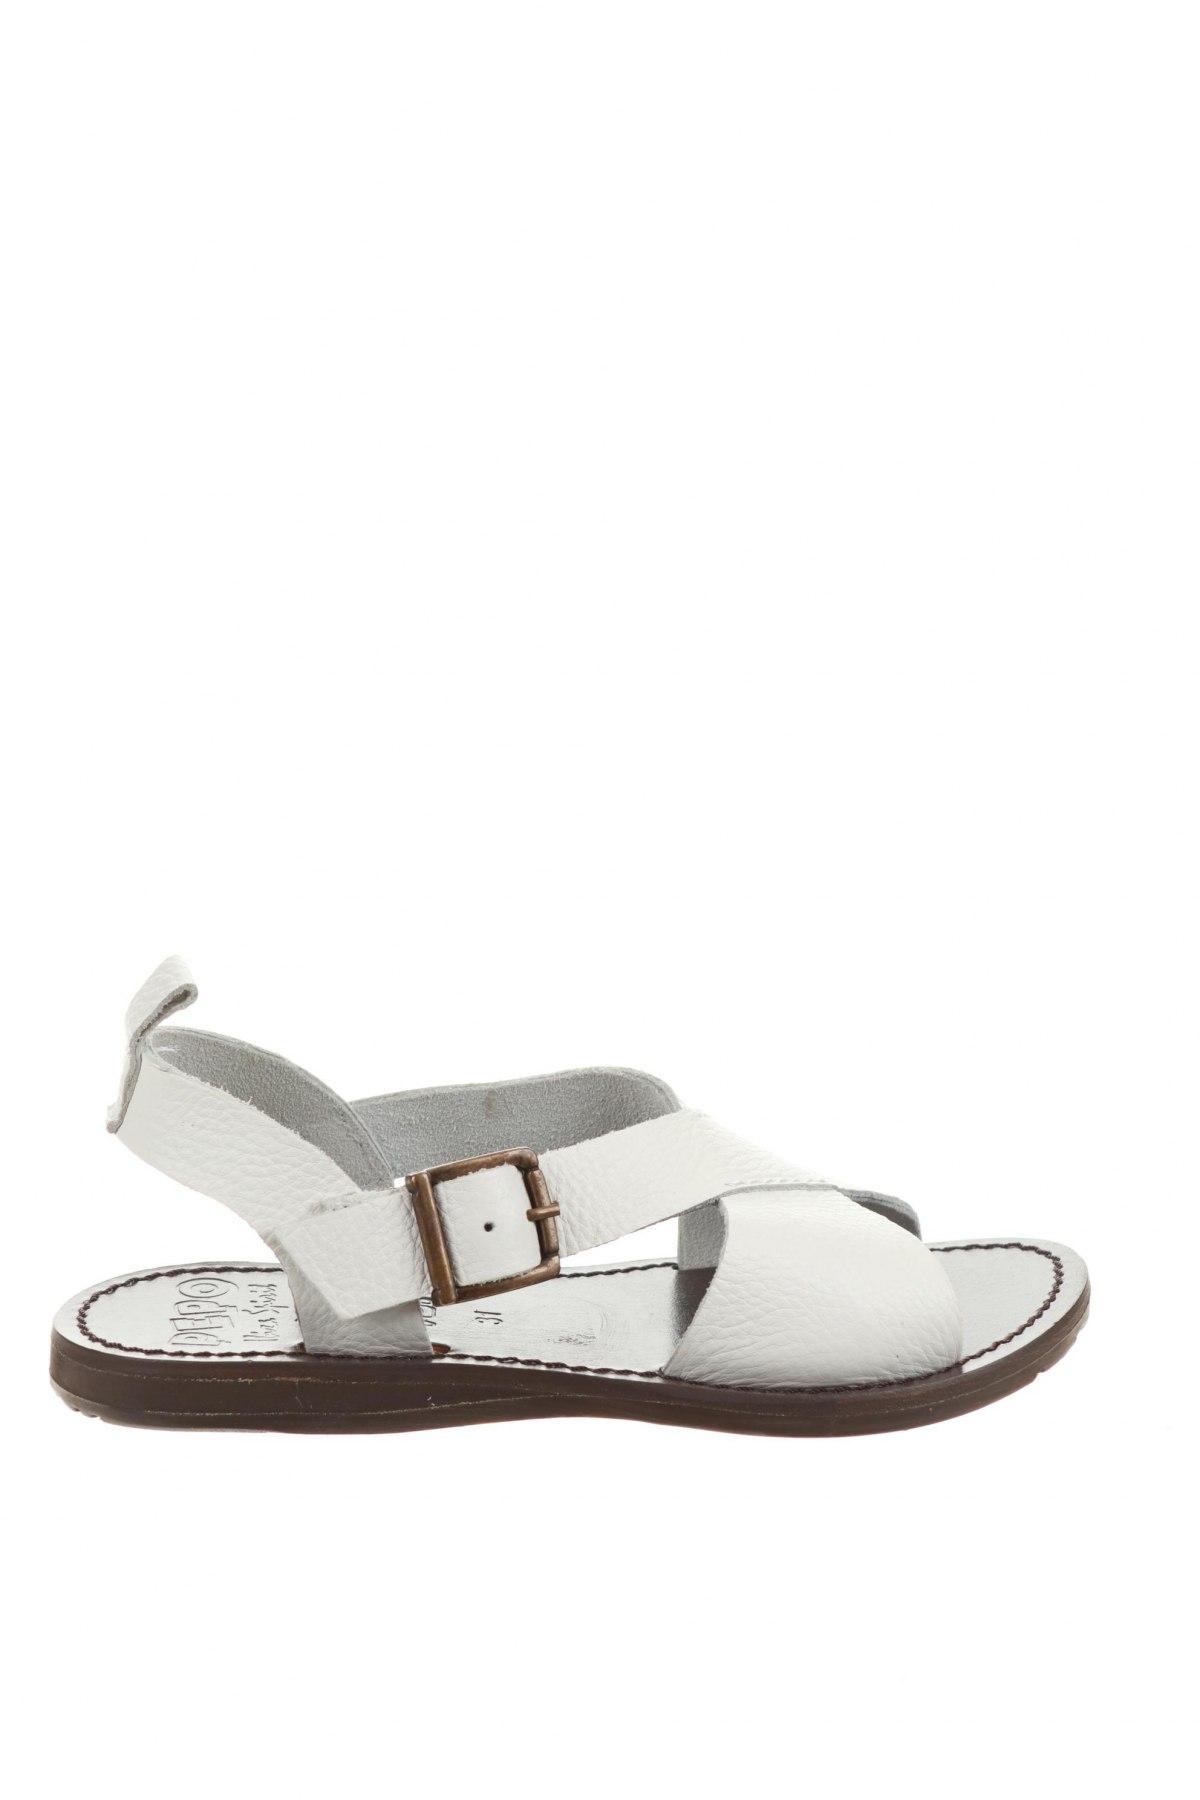 Детски сандали Oca-Loca, Размер 31, Цвят Бял, Естествена кожа, Цена 54,00лв.